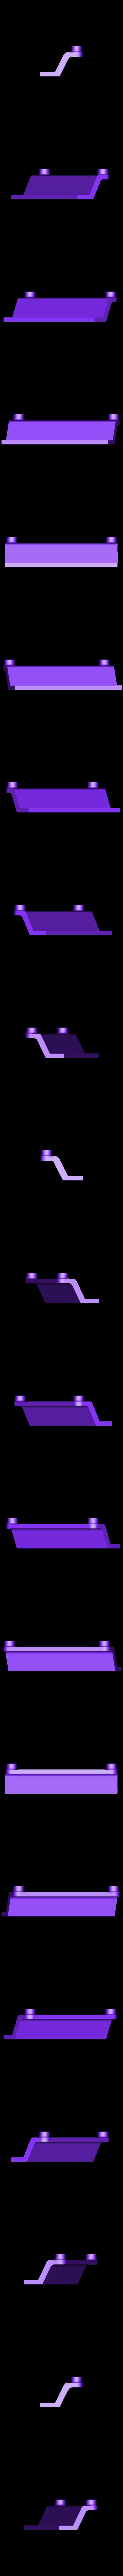 CORE_Holder2.stl Télécharger fichier STL gratuit Shellmo (Remix) • Plan imprimable en 3D, ROYLO